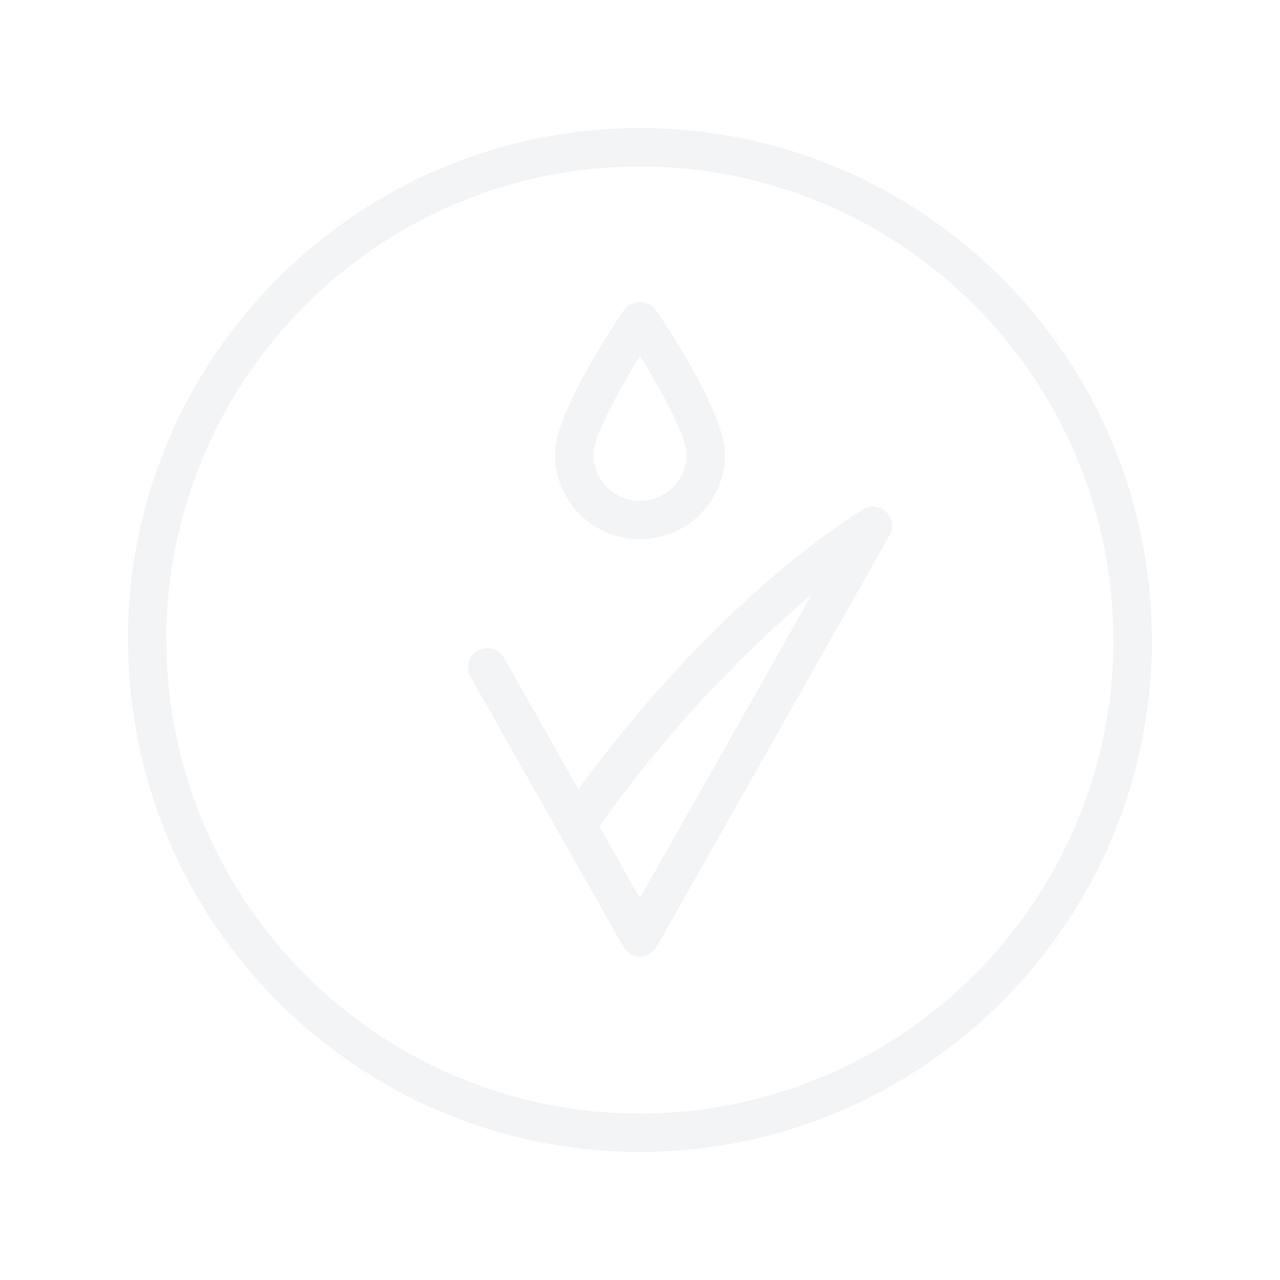 BALMAIN Argan Moisturizing Elixir увлажняющий эликсир с аргановым маслом